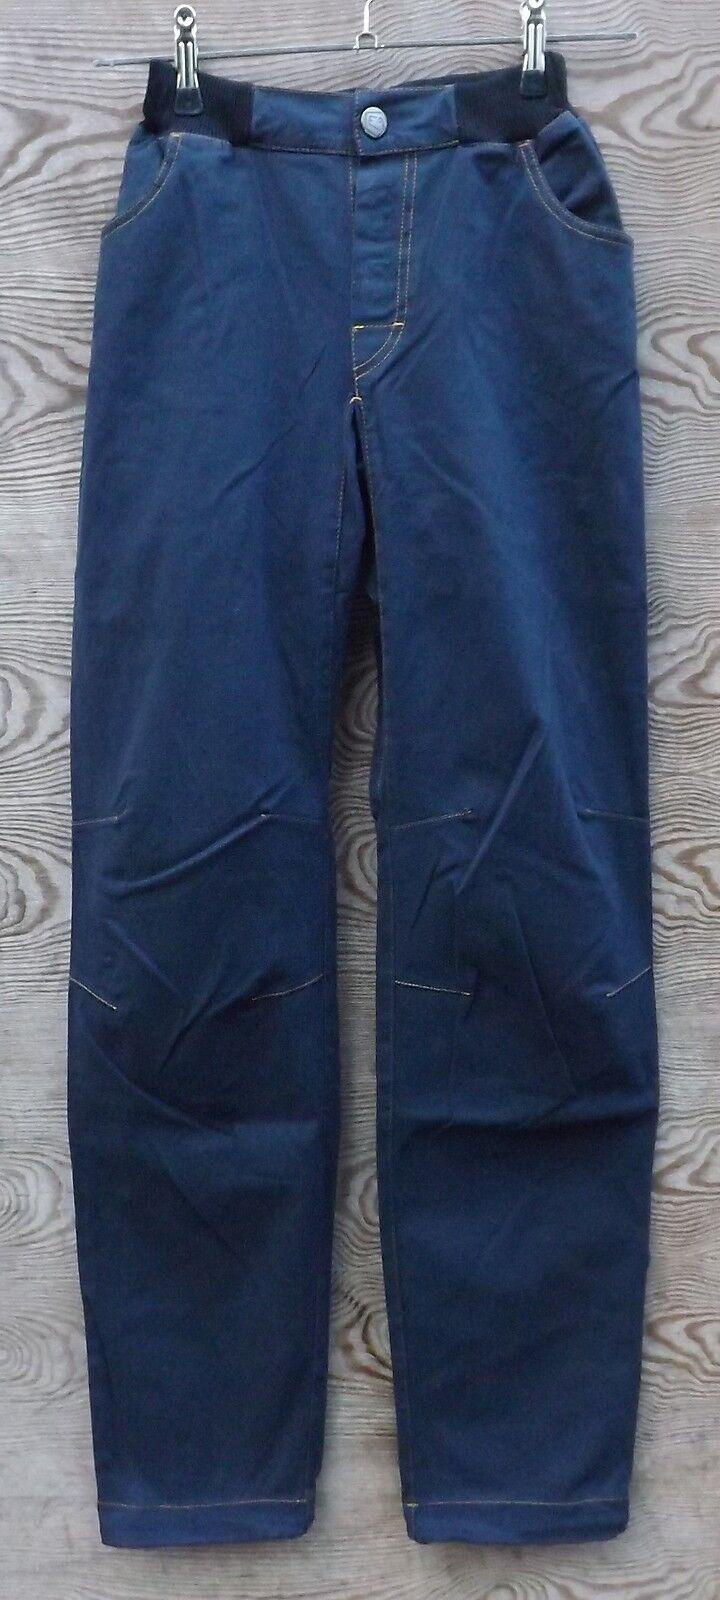 E9 Lun 10 Invierno - Pantalones para escalar para hombre, azulnavy